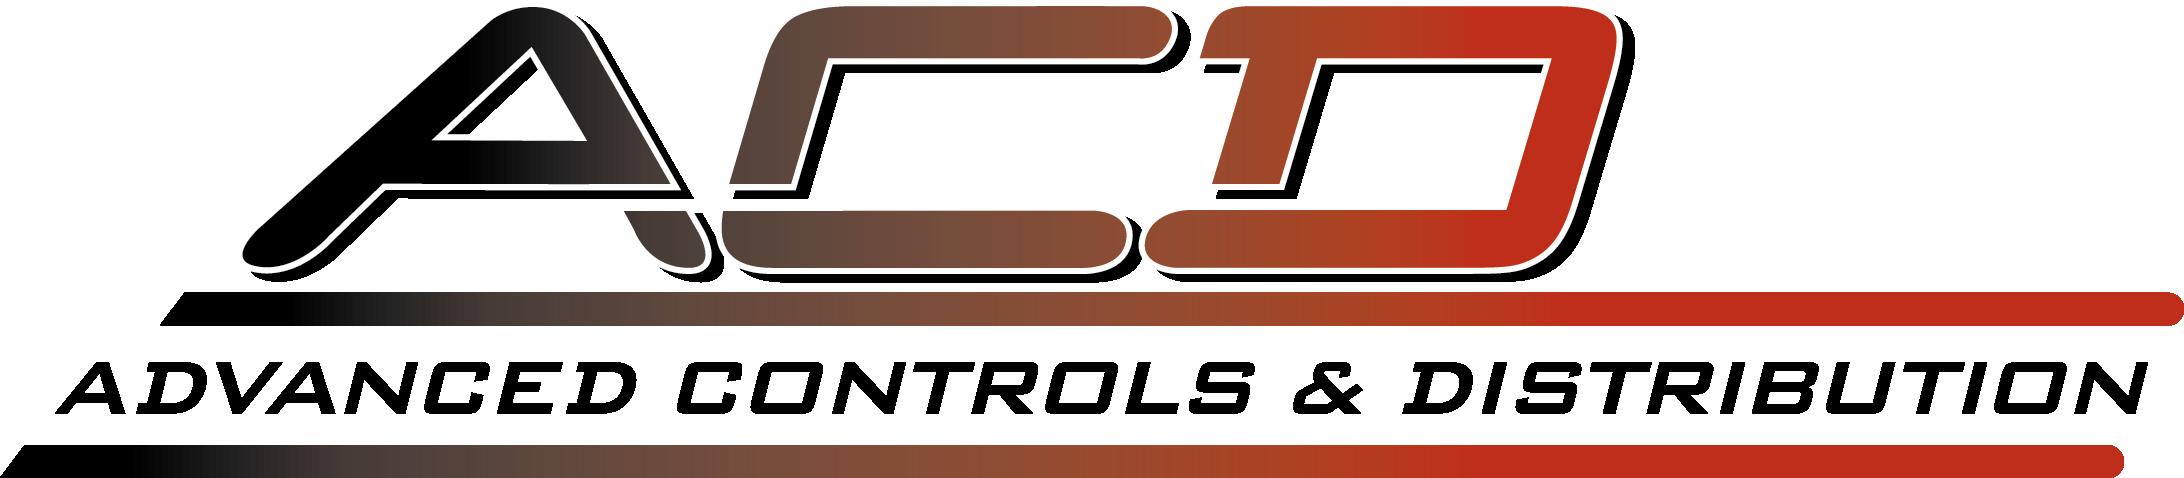 ACD_logo_2012_FNL-USE